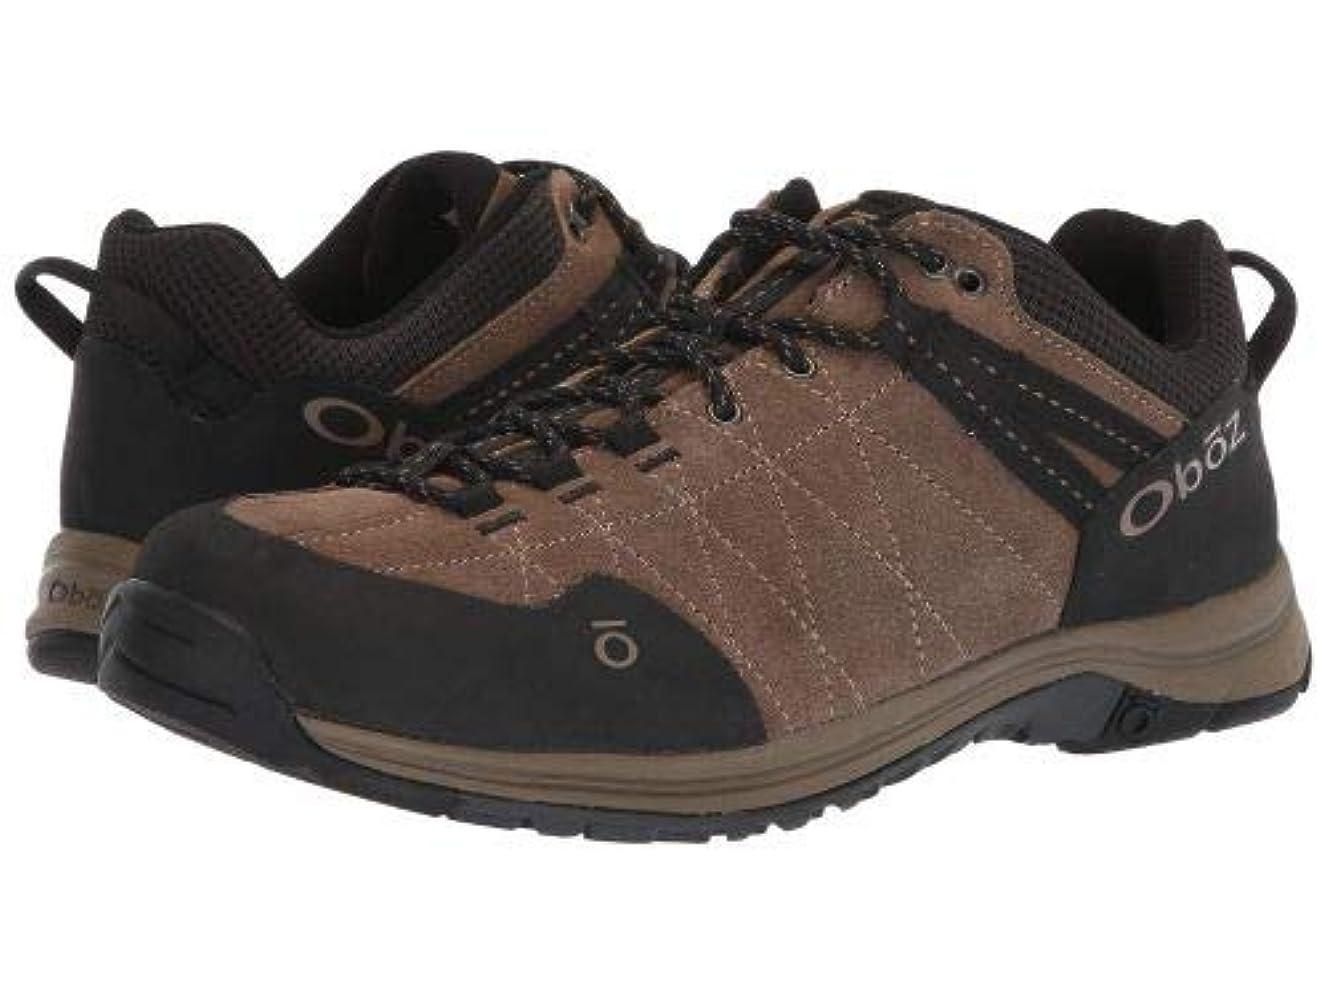 意義看板バンカーOboz(オボズ) メンズ 男性用 シューズ 靴 スニーカー 運動靴 Hyalite Low - Walnut 8.5 D - Medium [並行輸入品]